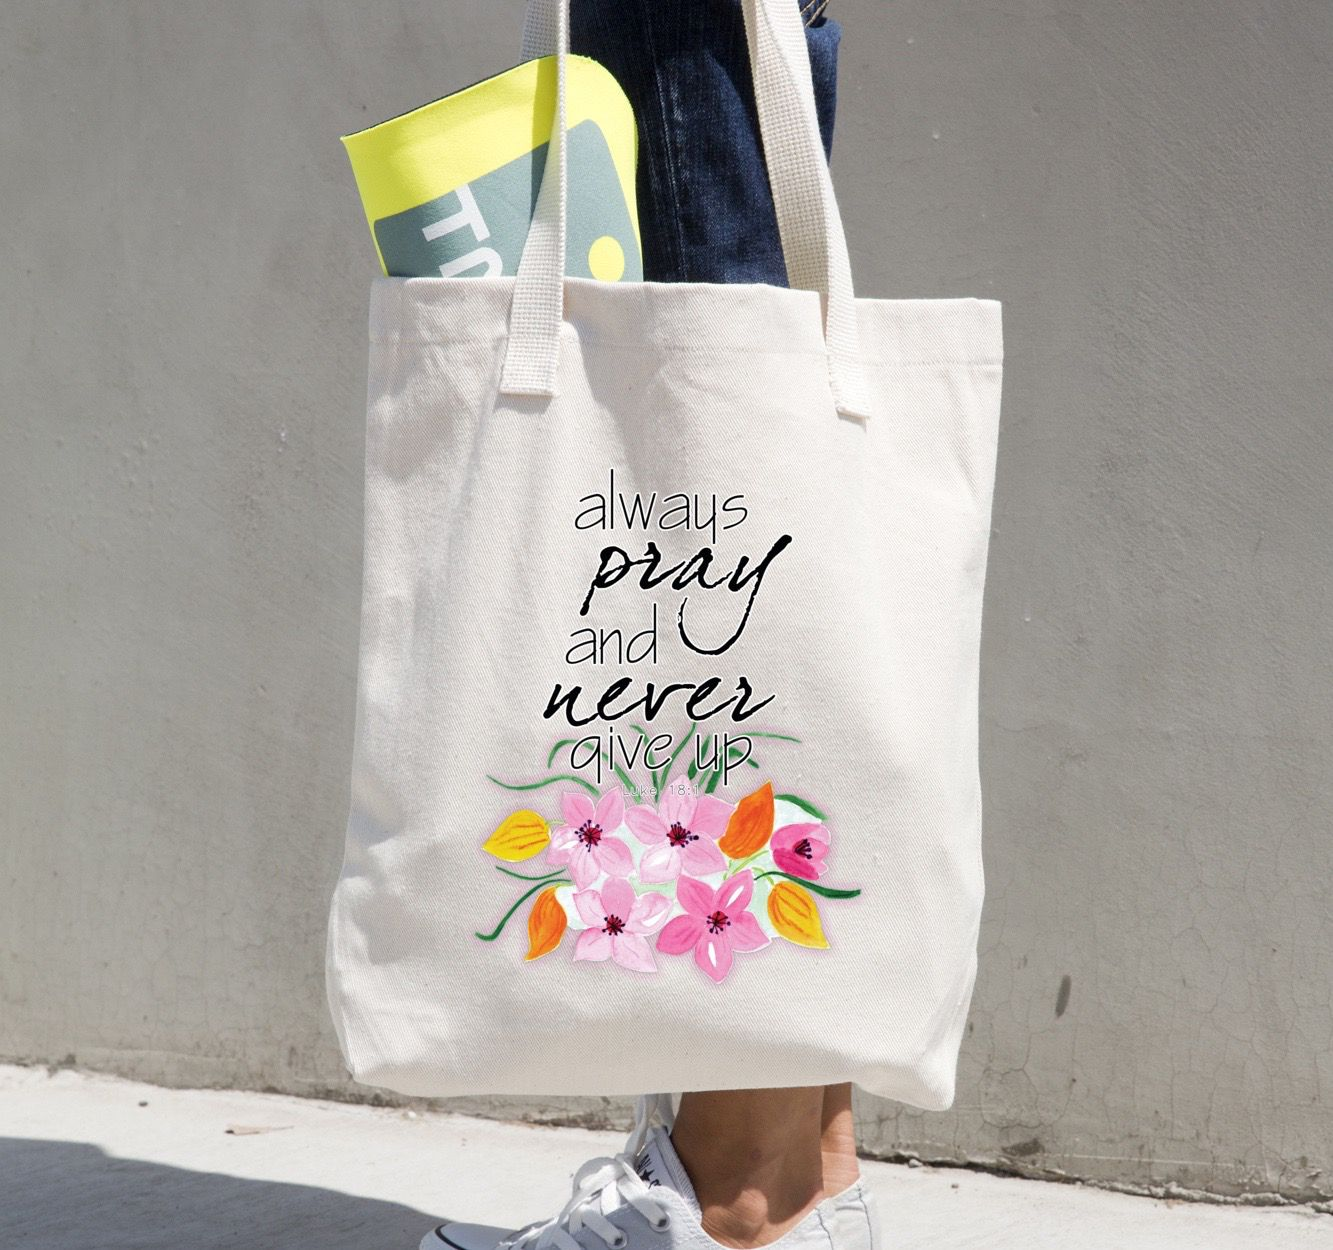 Floral Stars Pattern Canvas Tote Bag Womens Bag Canvas Bag Market Bag Gift for Her Shoulder Bag